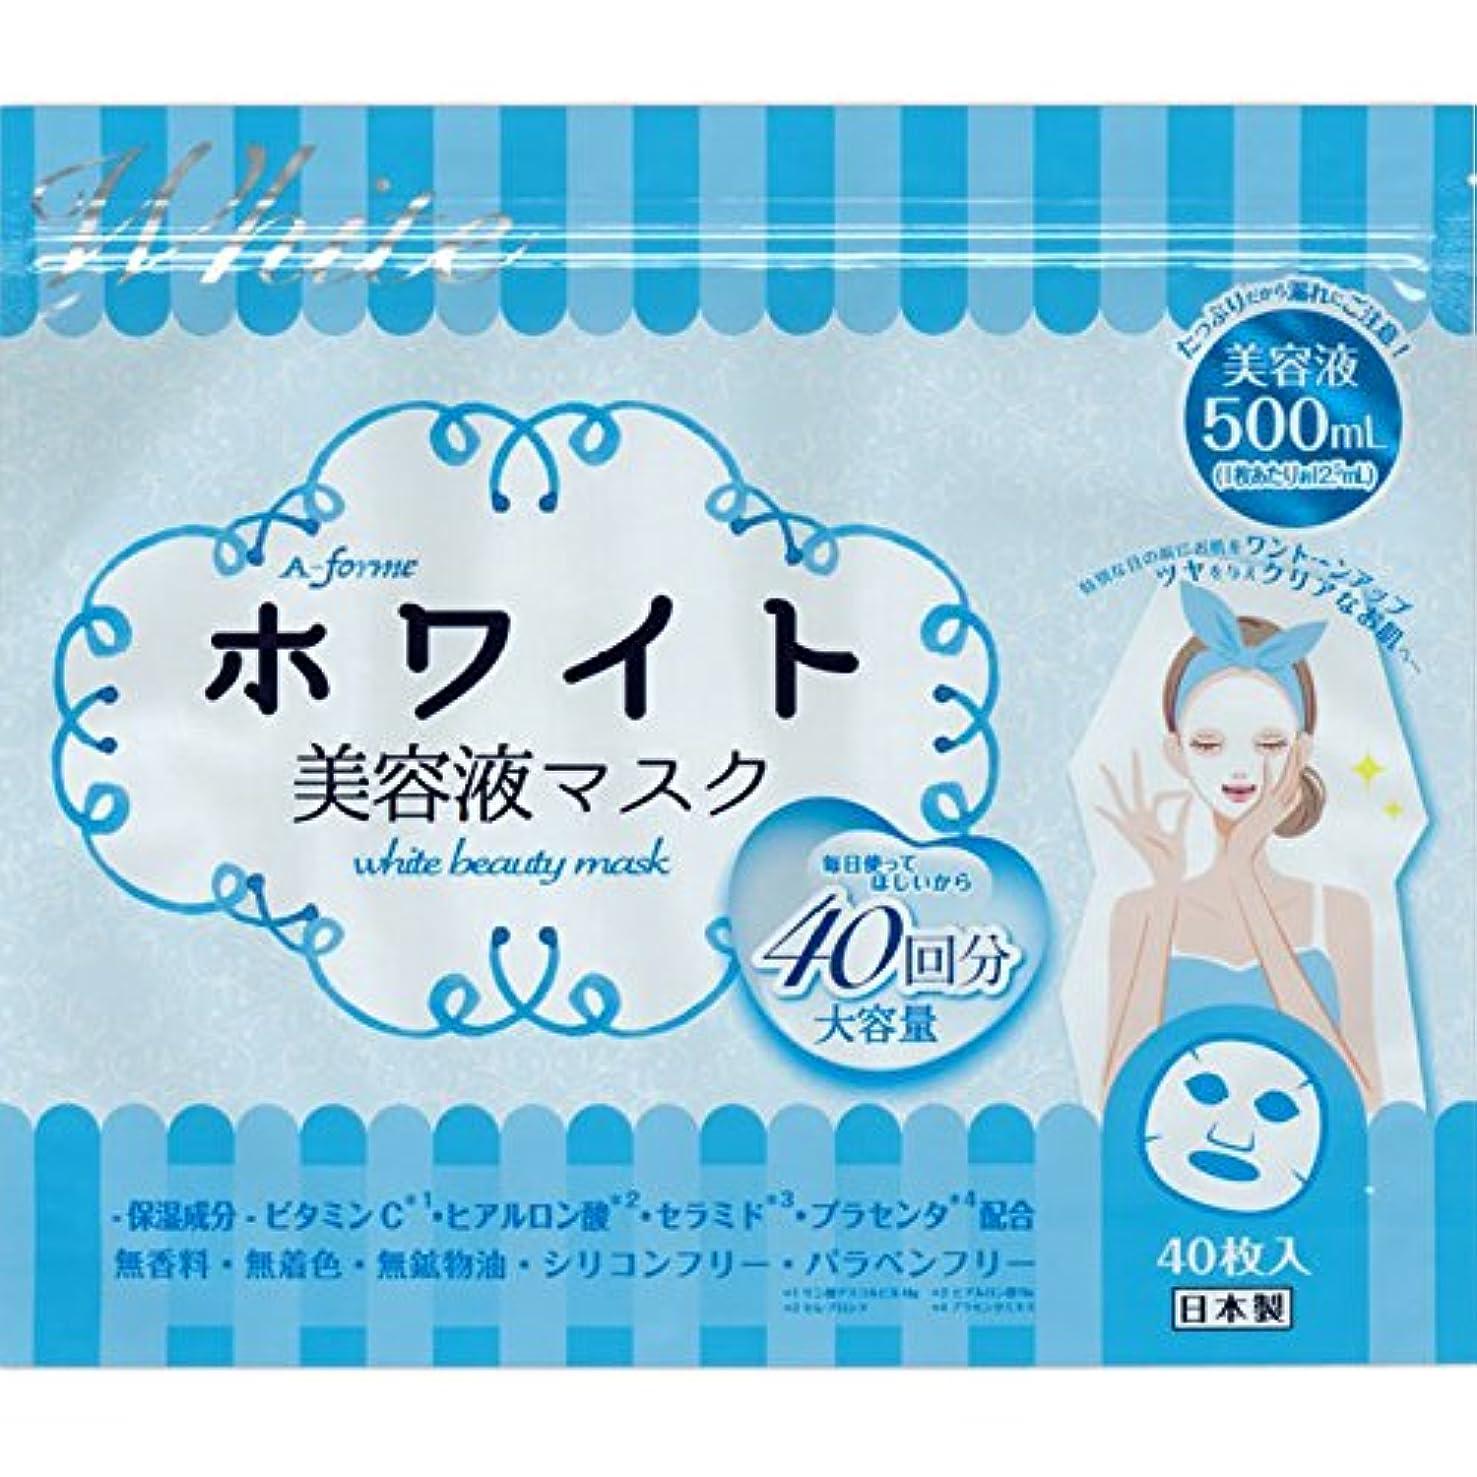 エーフォルム ホワイト美容液マスク40枚×5